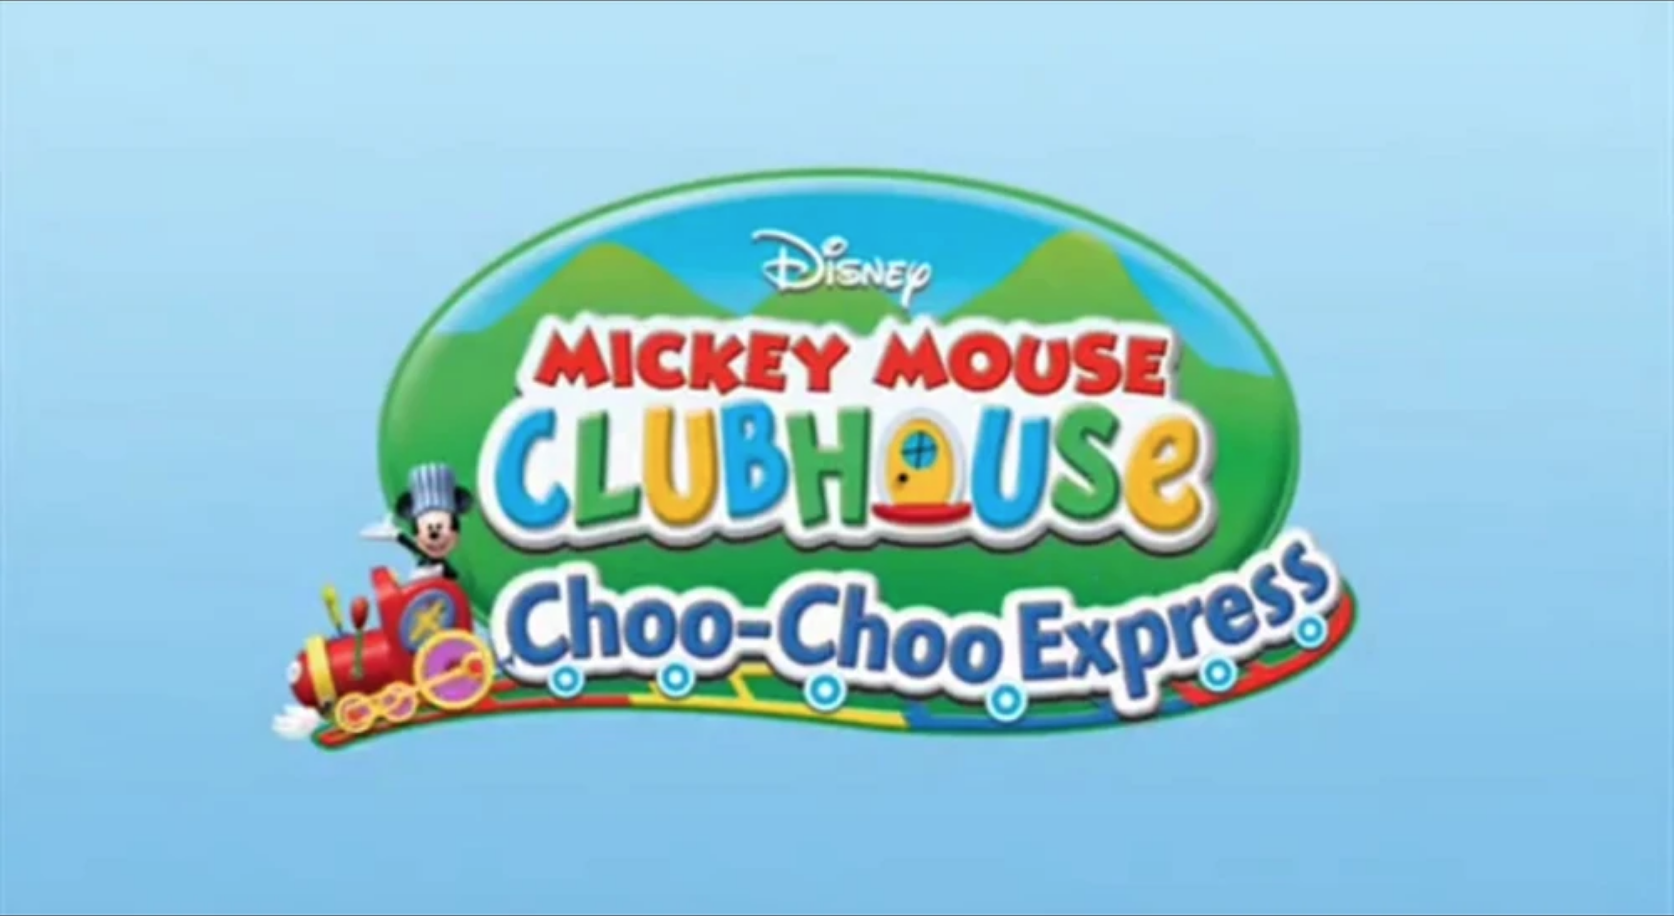 Choo-Choo Express